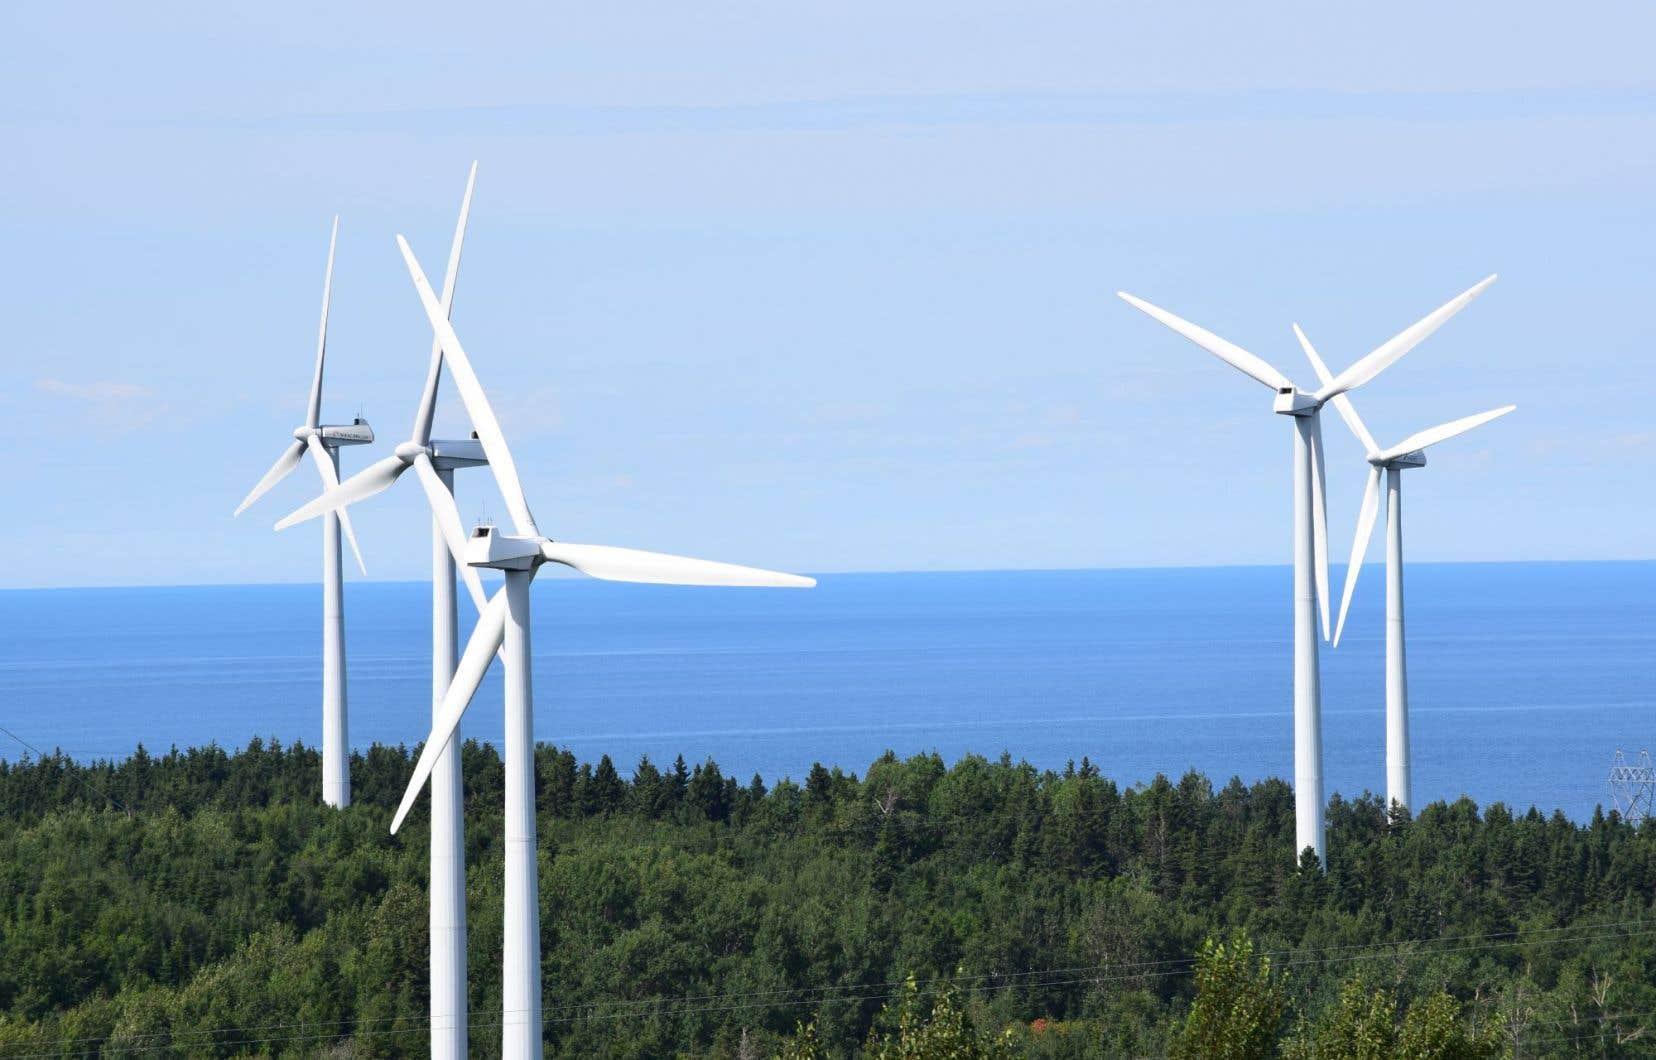 <p>Le président du Conseil du patronat du Québec, Yves-Thomas Dorval, acité l'exemple du développement des éoliennes en Gaspésie — un geste favorable au développement d'une énergie verte et favorable au développement de l'économie régionale.</p>